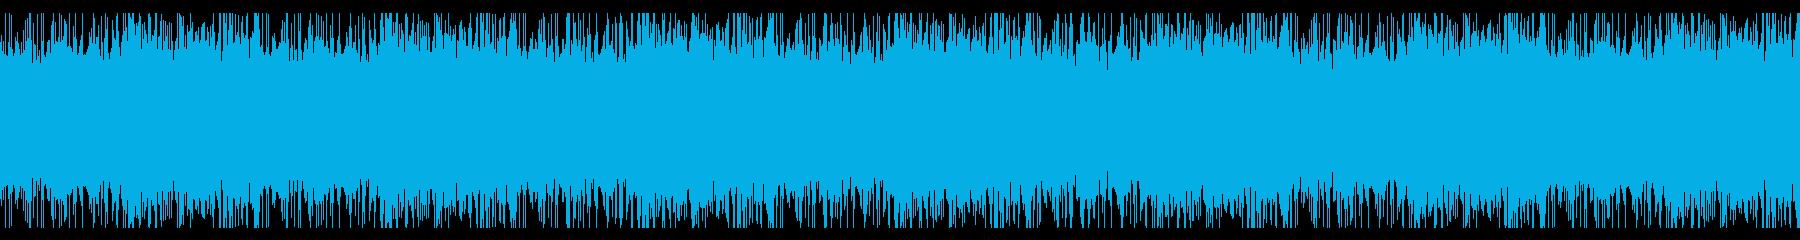 オーケストラ、壮大なバトルゲームの再生済みの波形